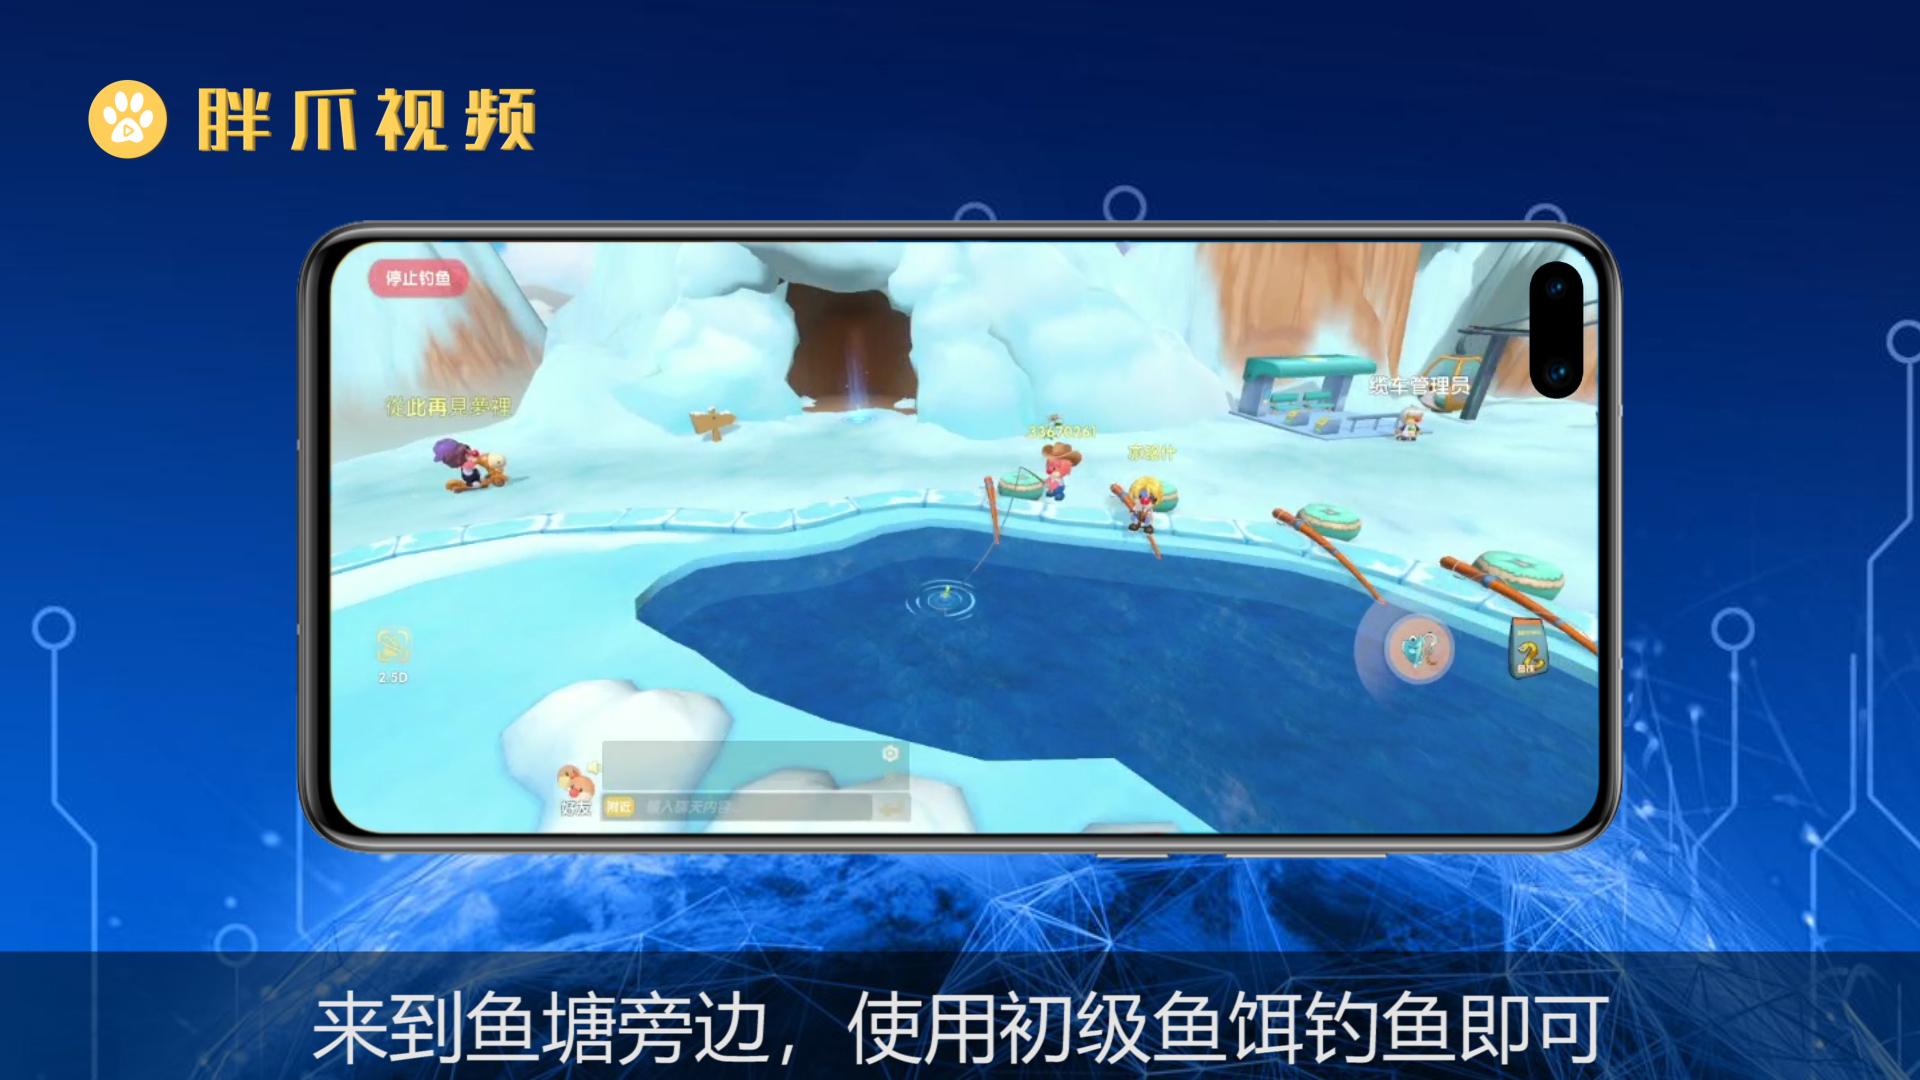 摩尔庄园冰川虾怎么钓(3)